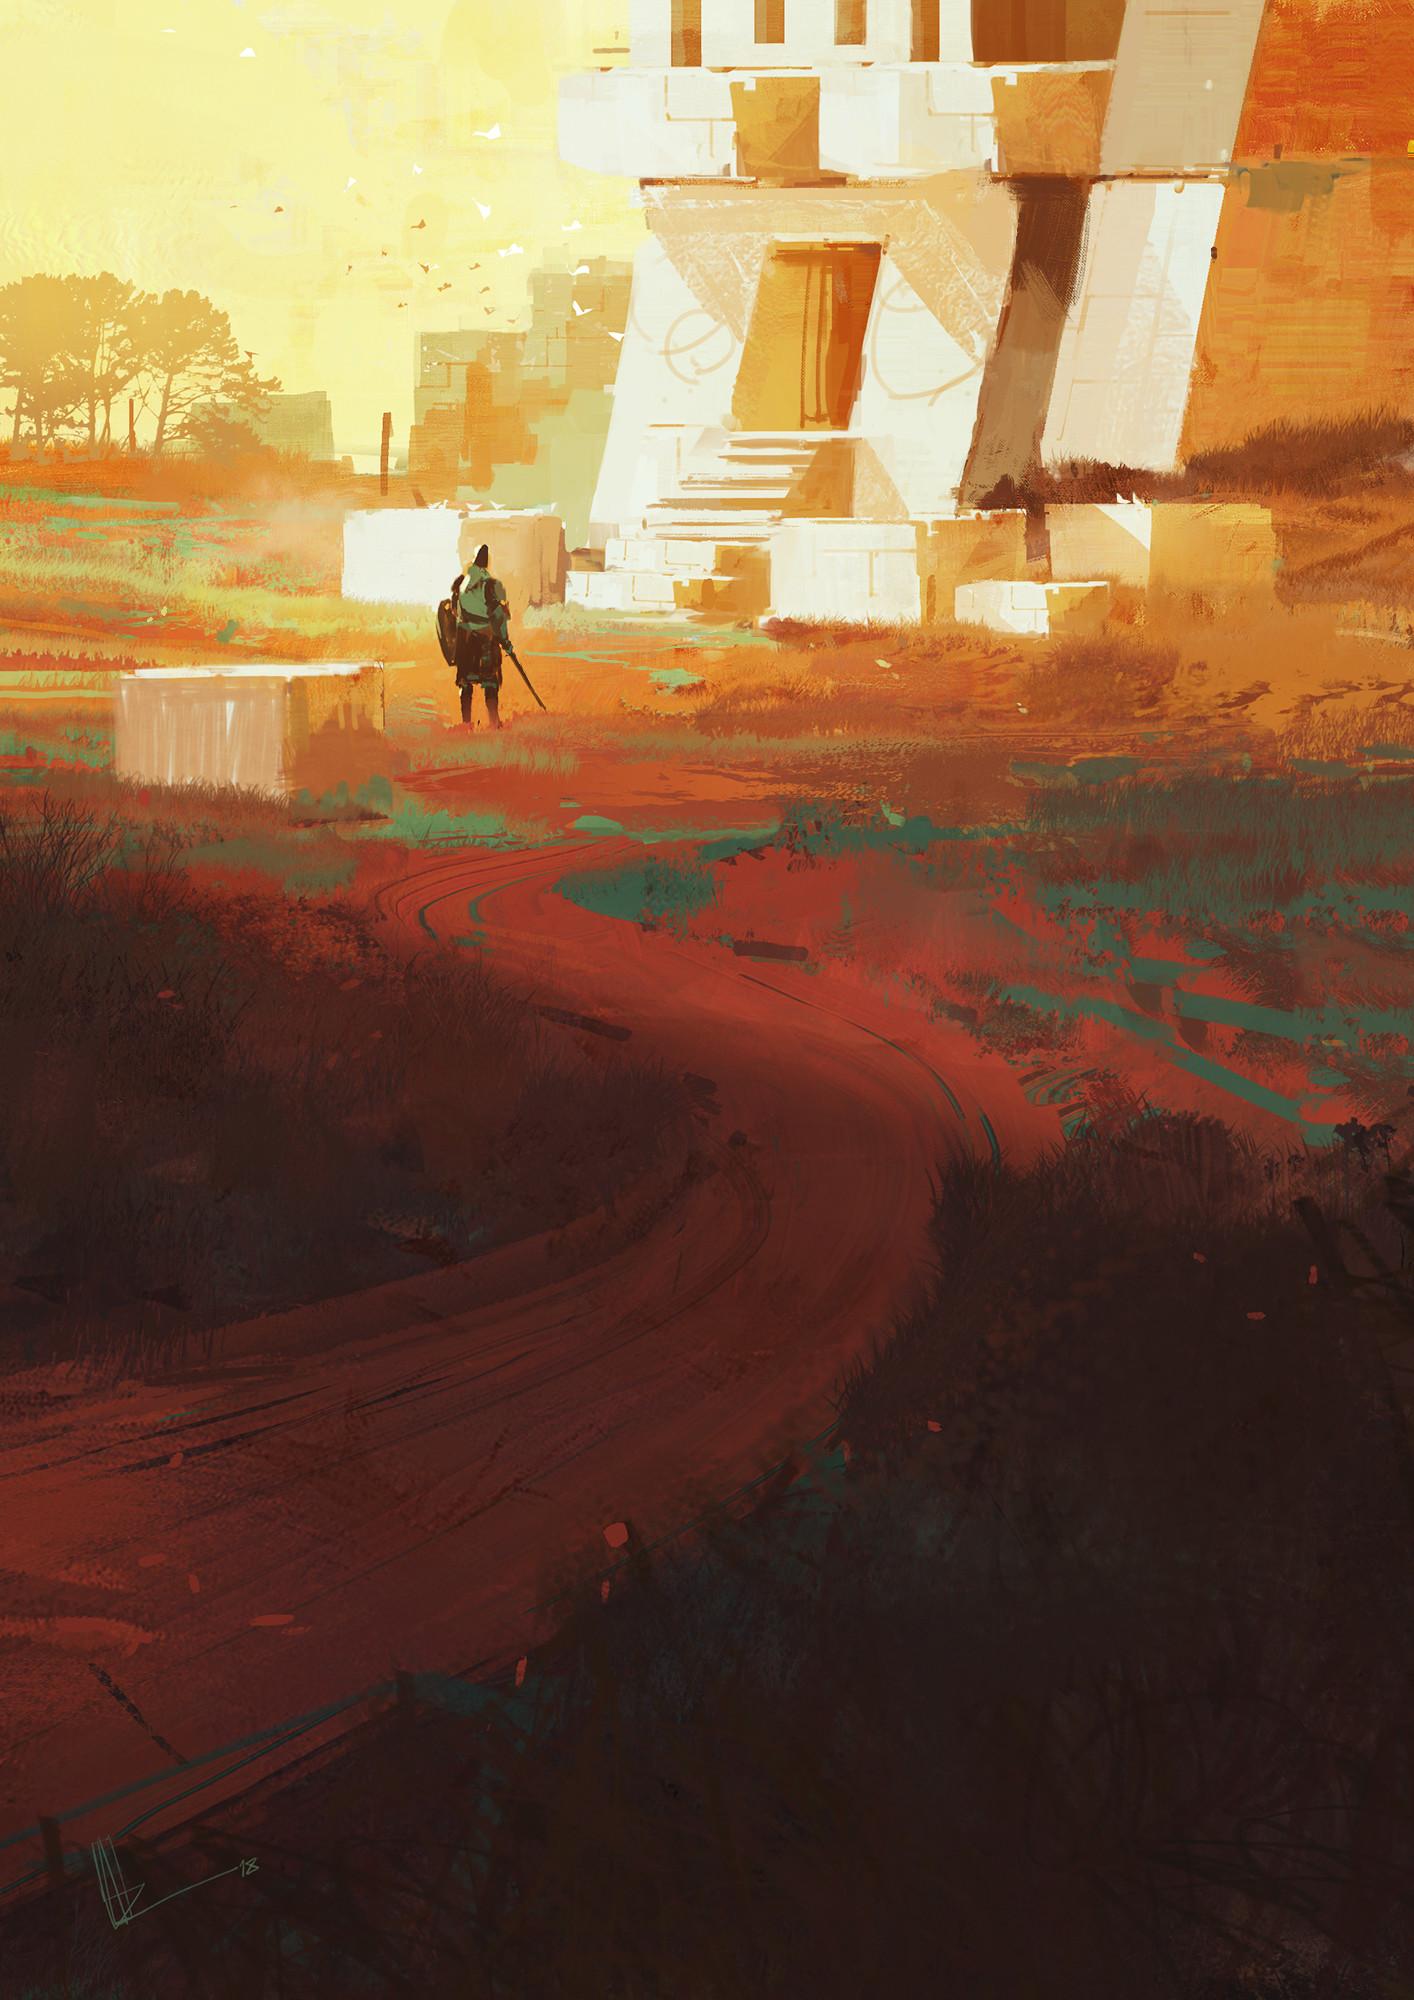 Amir zand tombfinder